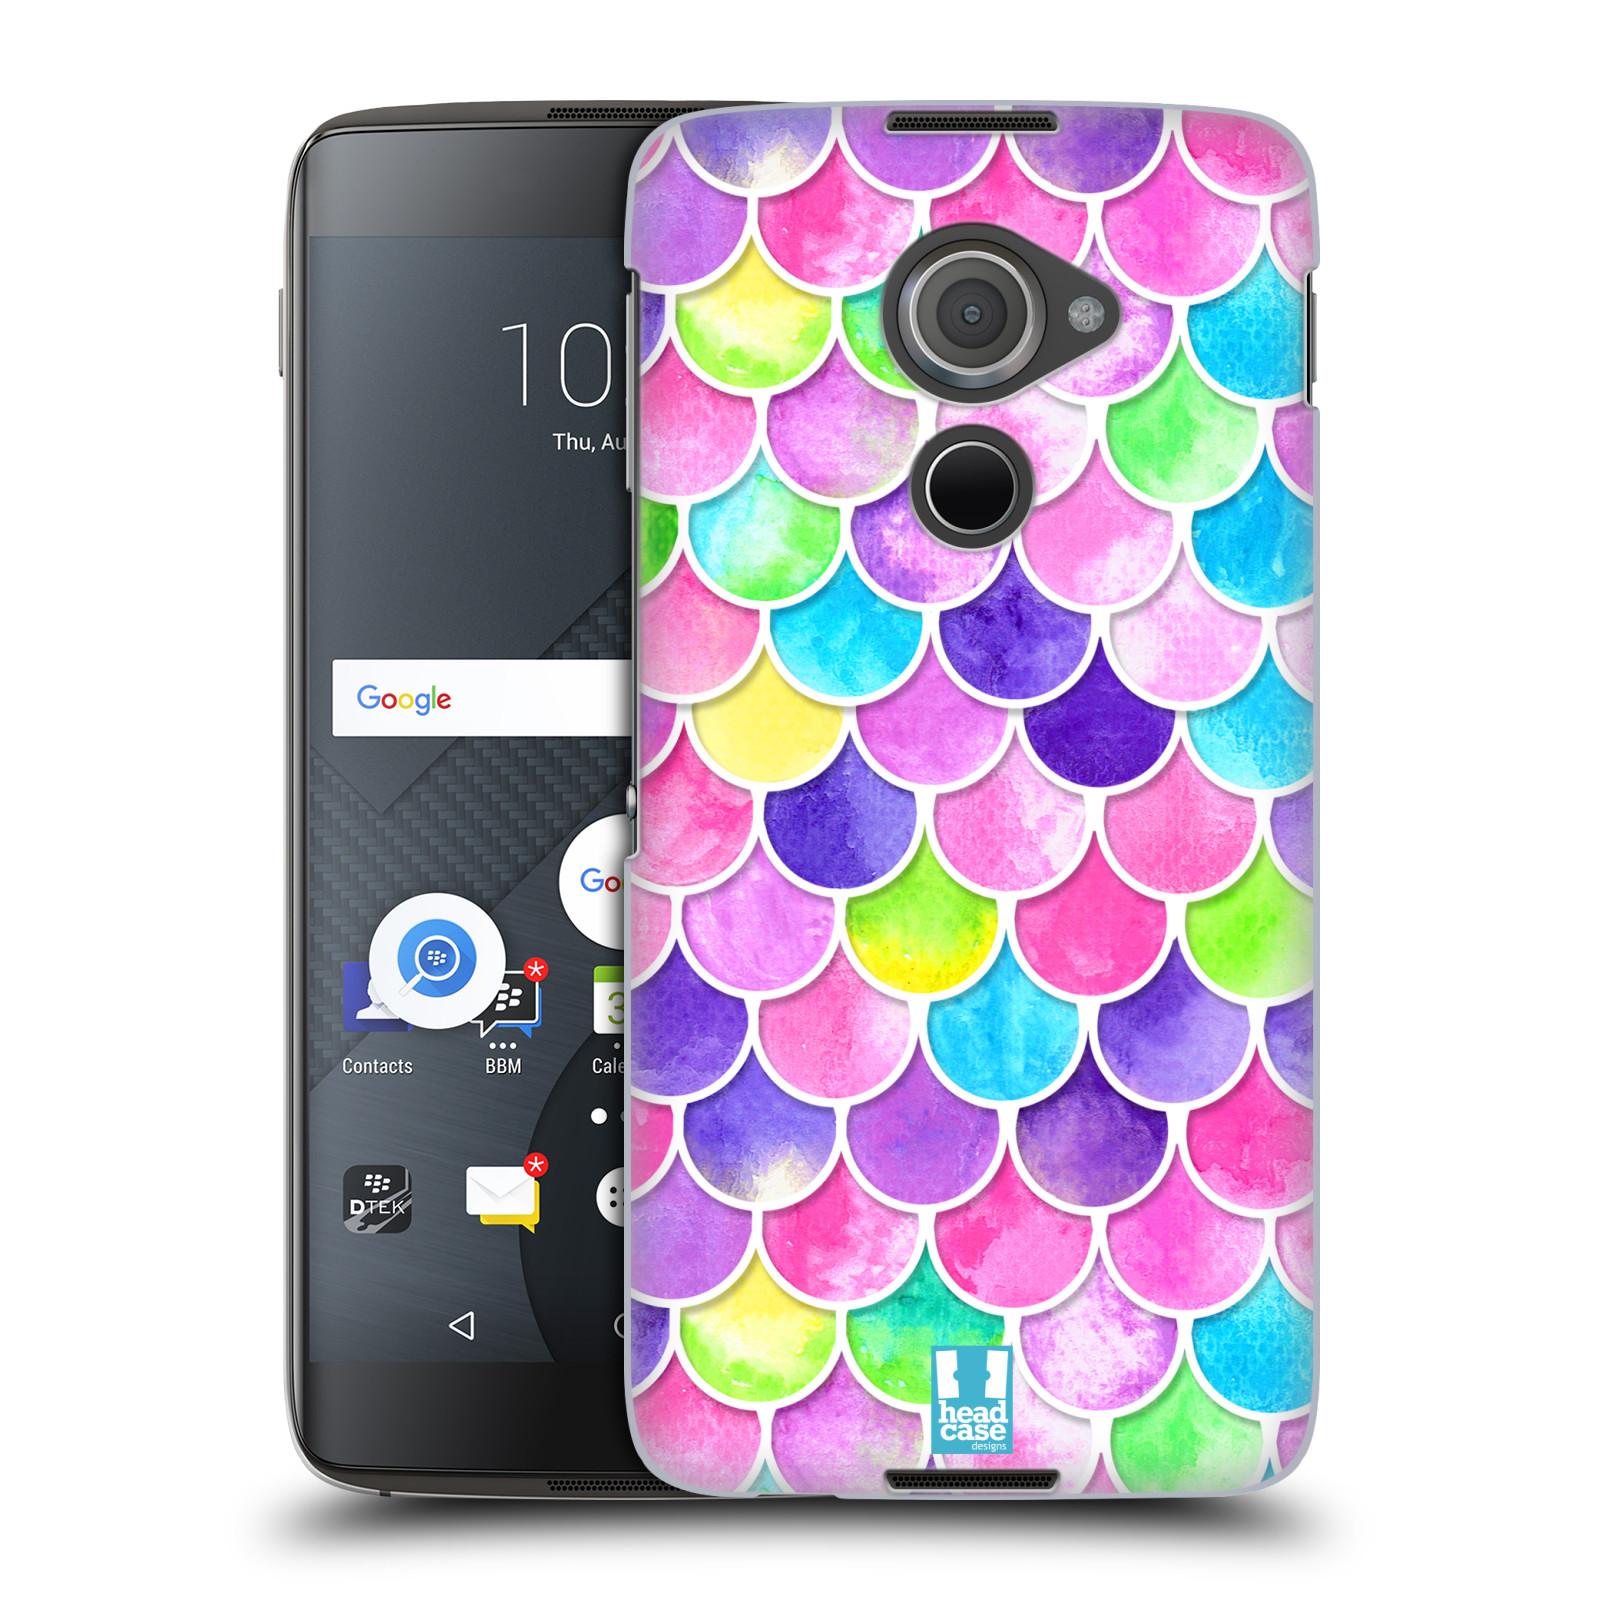 Plastové pouzdro na mobil Blackberry DTEK60 (Argon) - Head Case - Barevné šupinky (Plastový kryt či obal na mobilní telefon s motivem šupinek pro Blackberry DTEK60 (Argon))